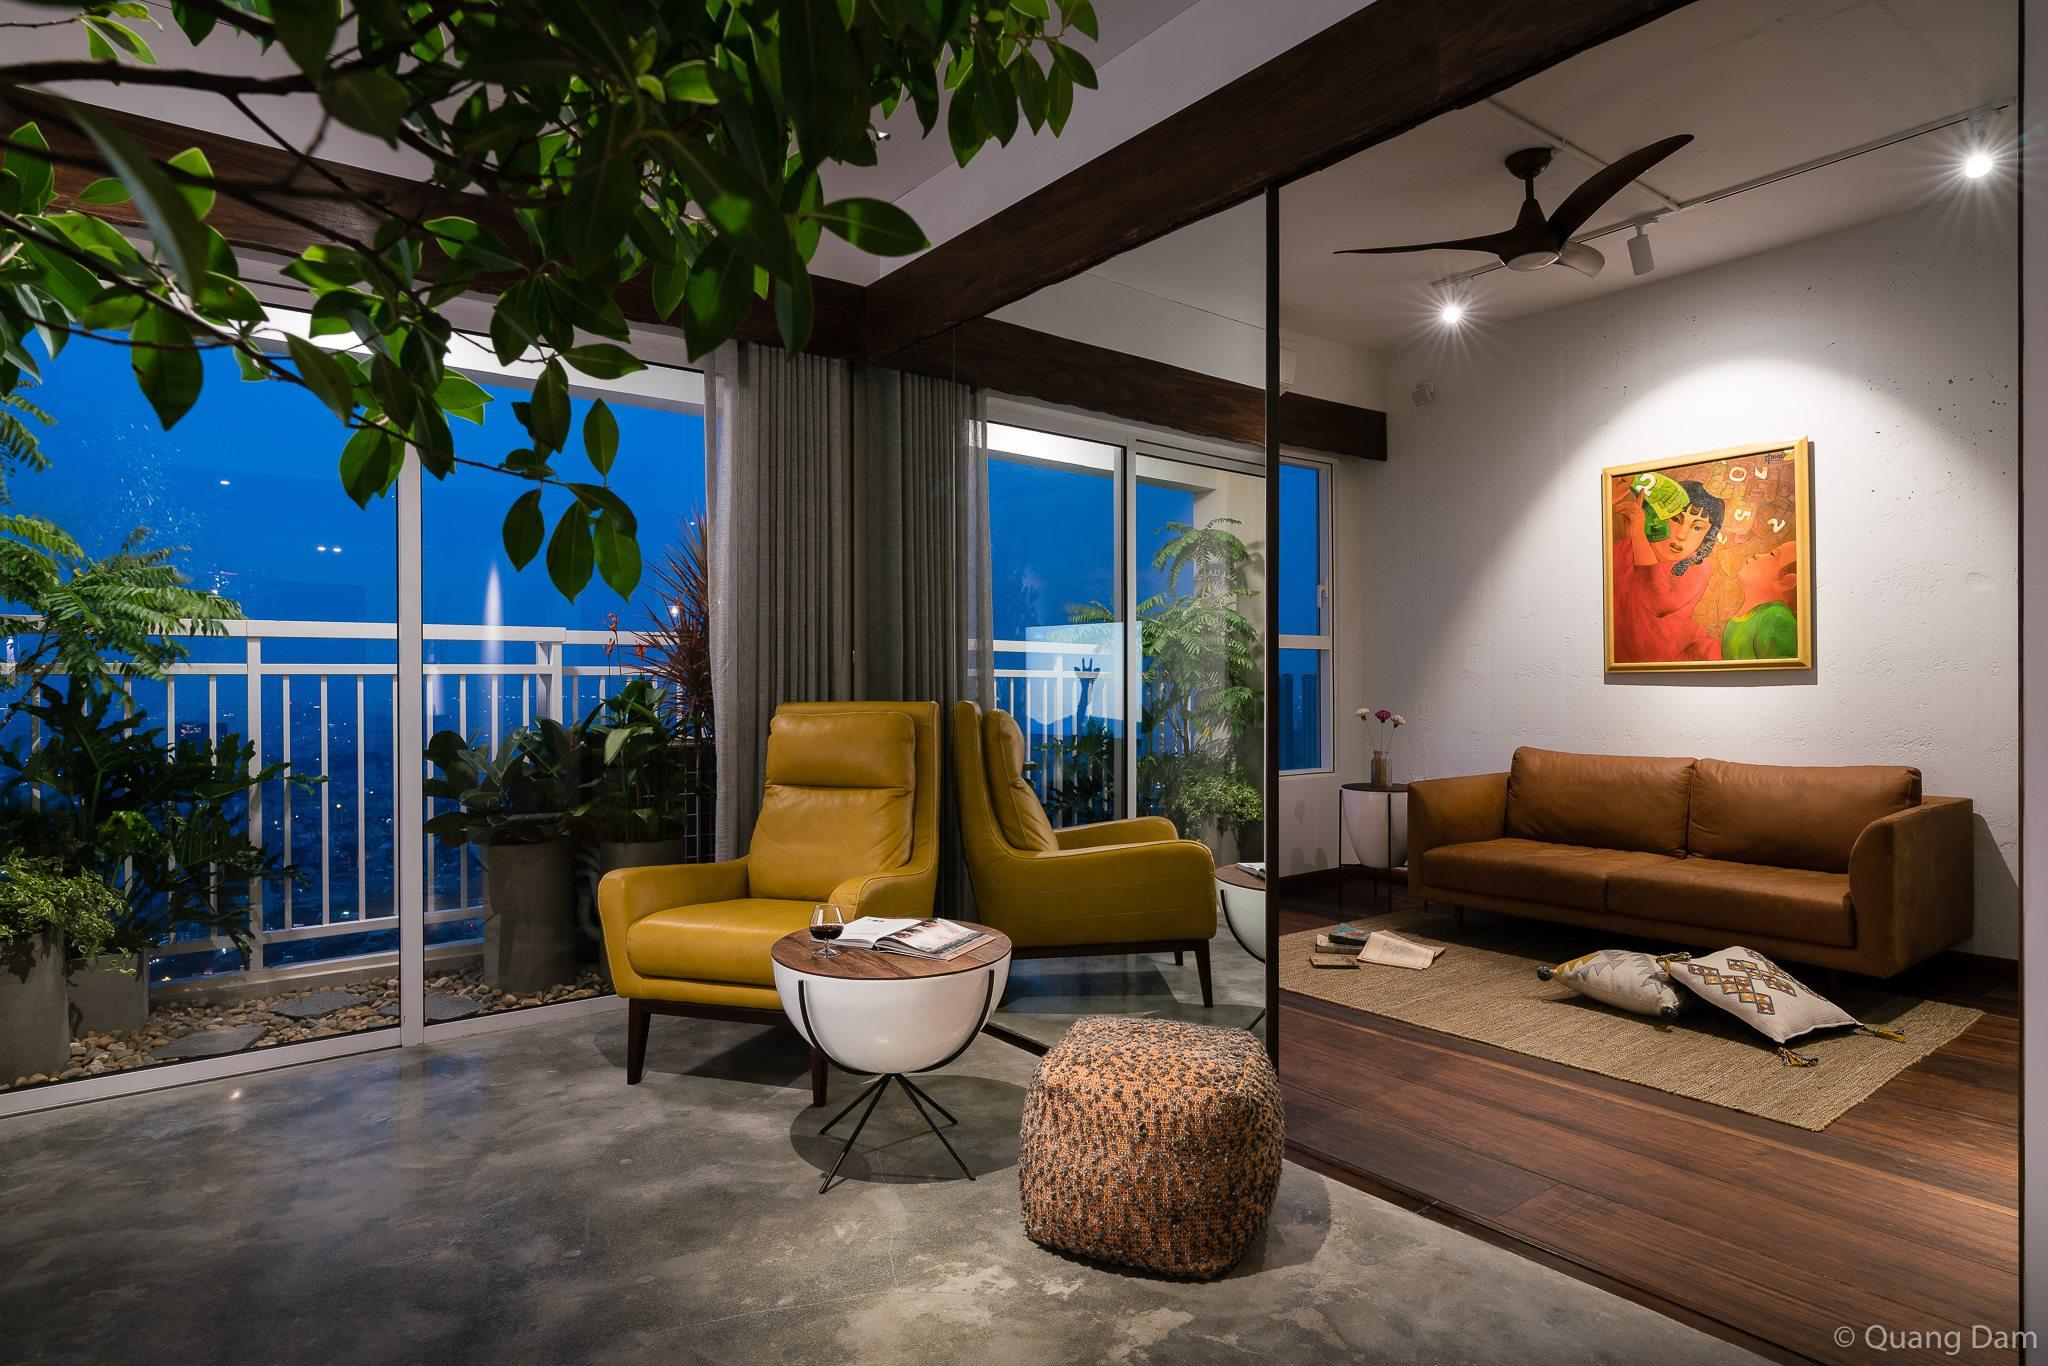 Nội thất căn hộ 1 phòng ngủ với điểm nhấn gỗ và cây xanh - Nhà Đẹp Số (4)